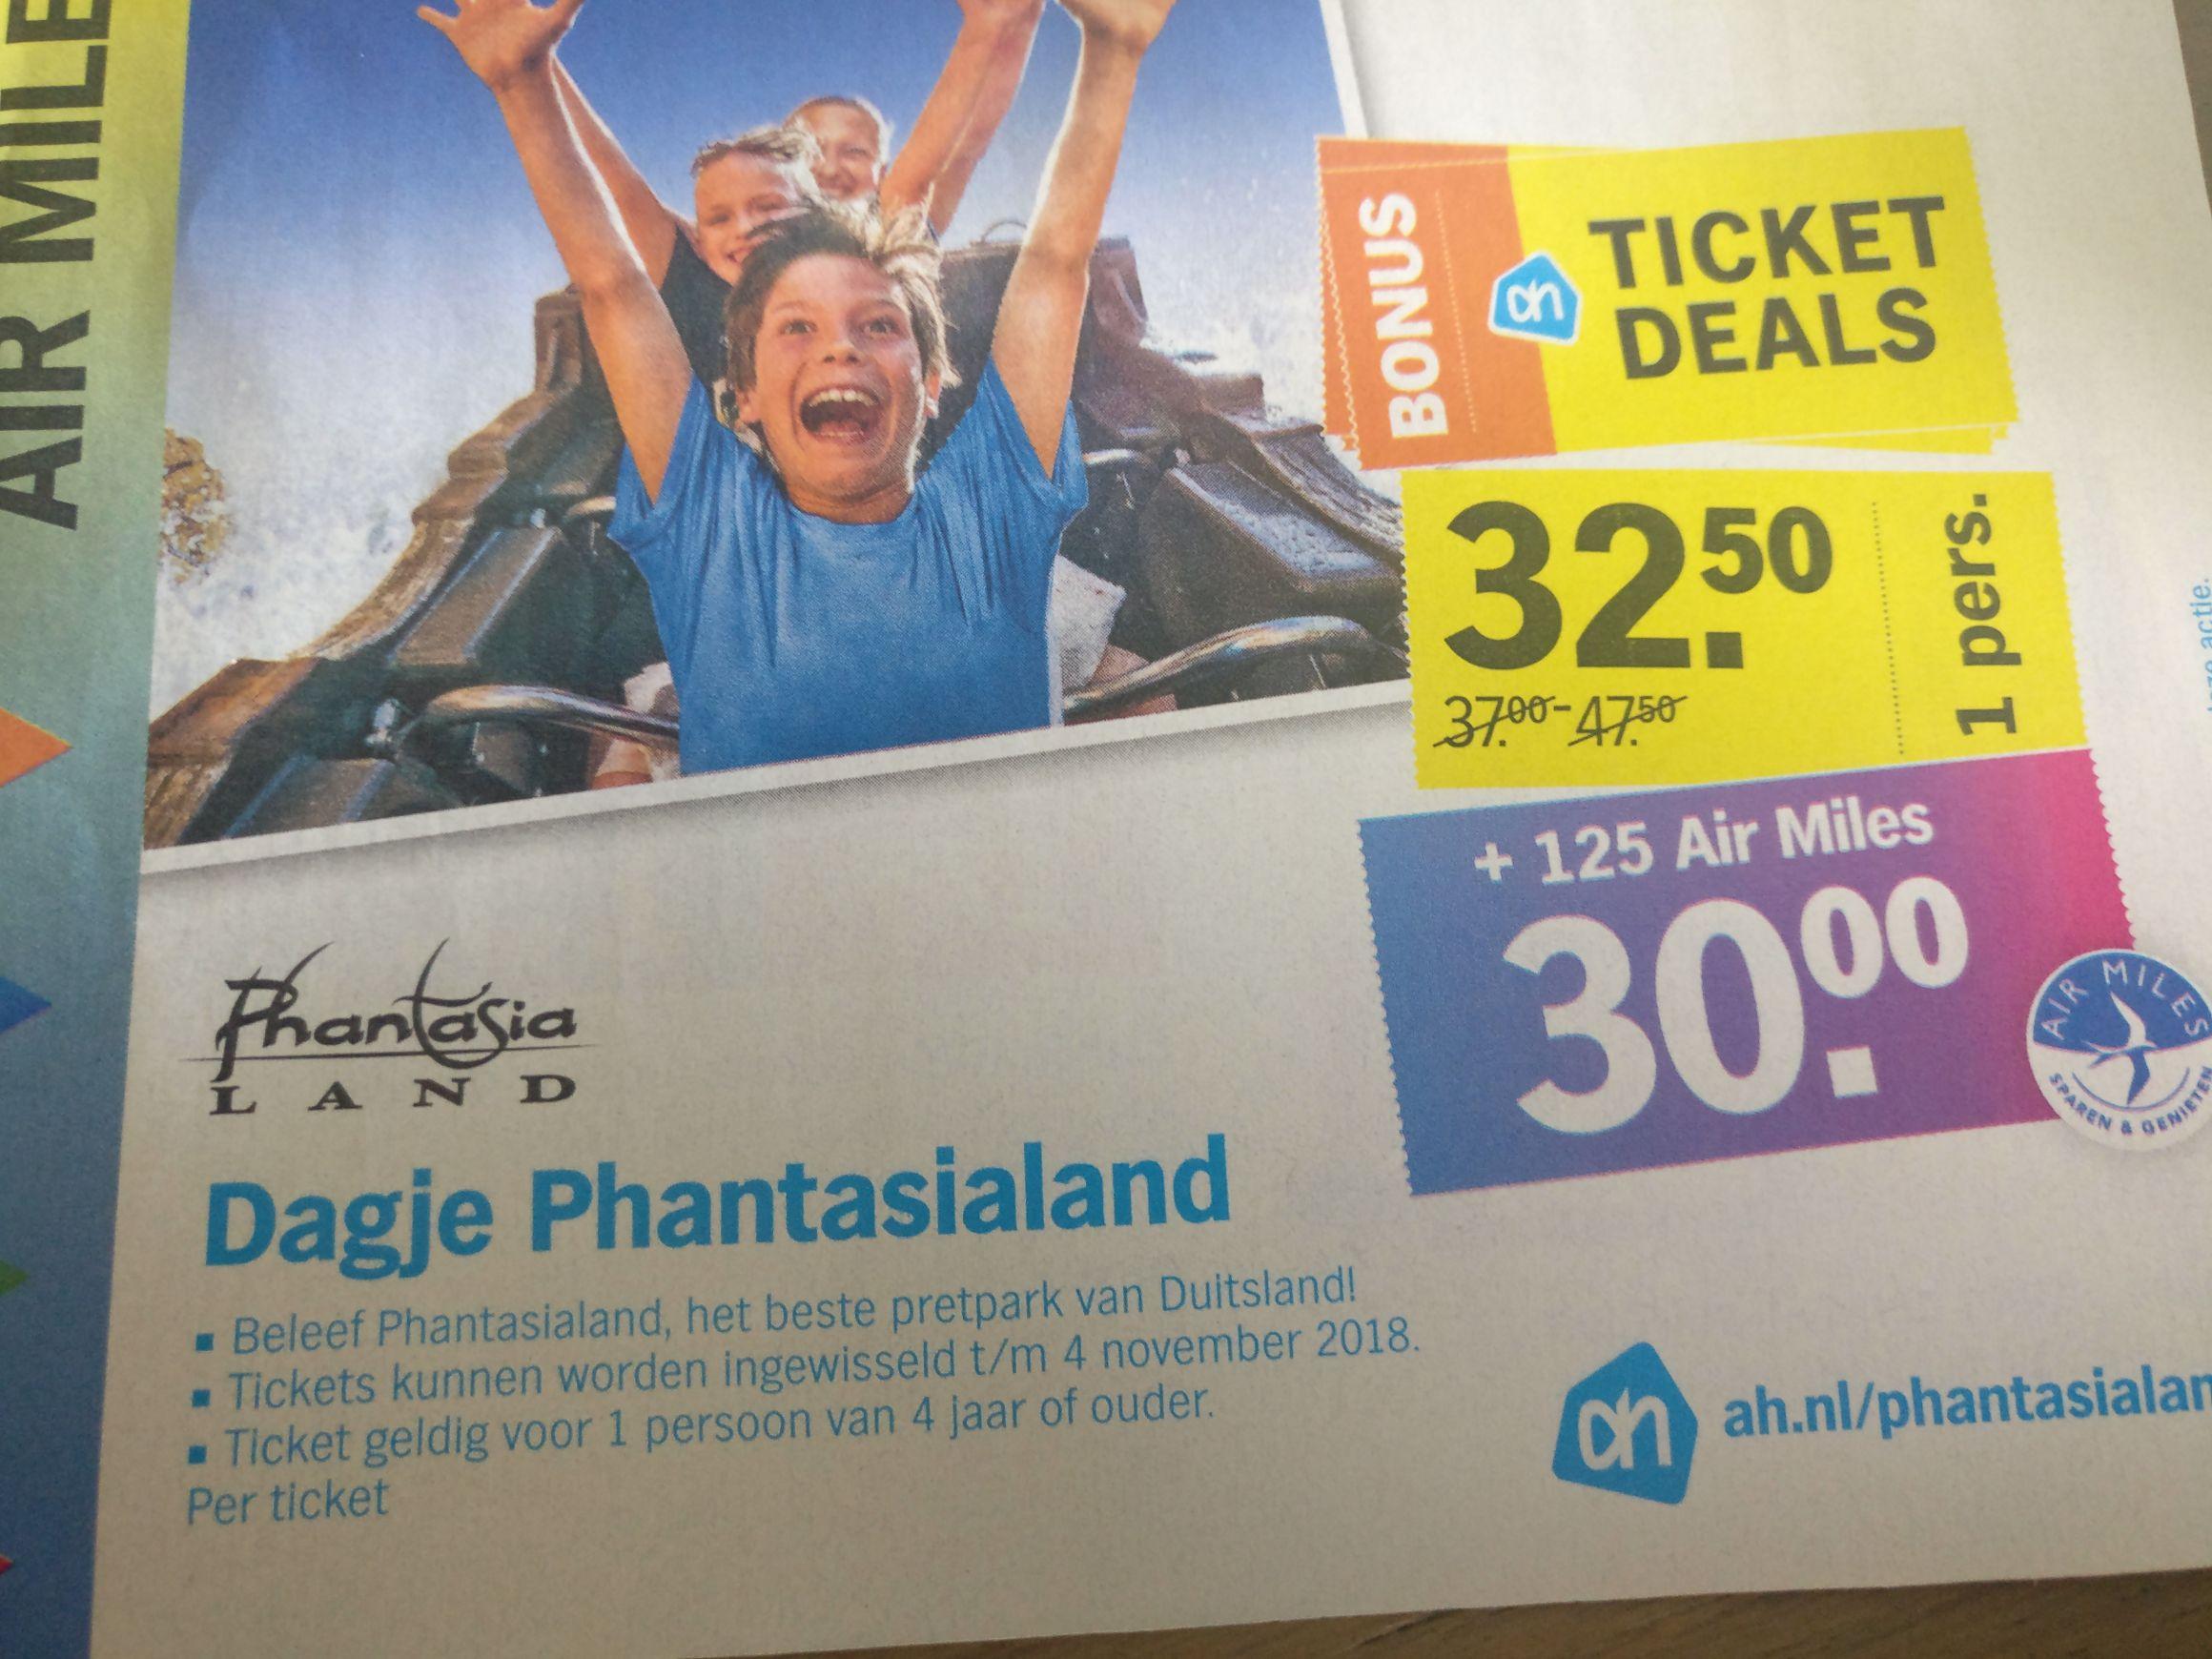 Dagje Phantasialand nu voor €32,50 of zelfs €30,00 bij inlevering van 125 airmiles!